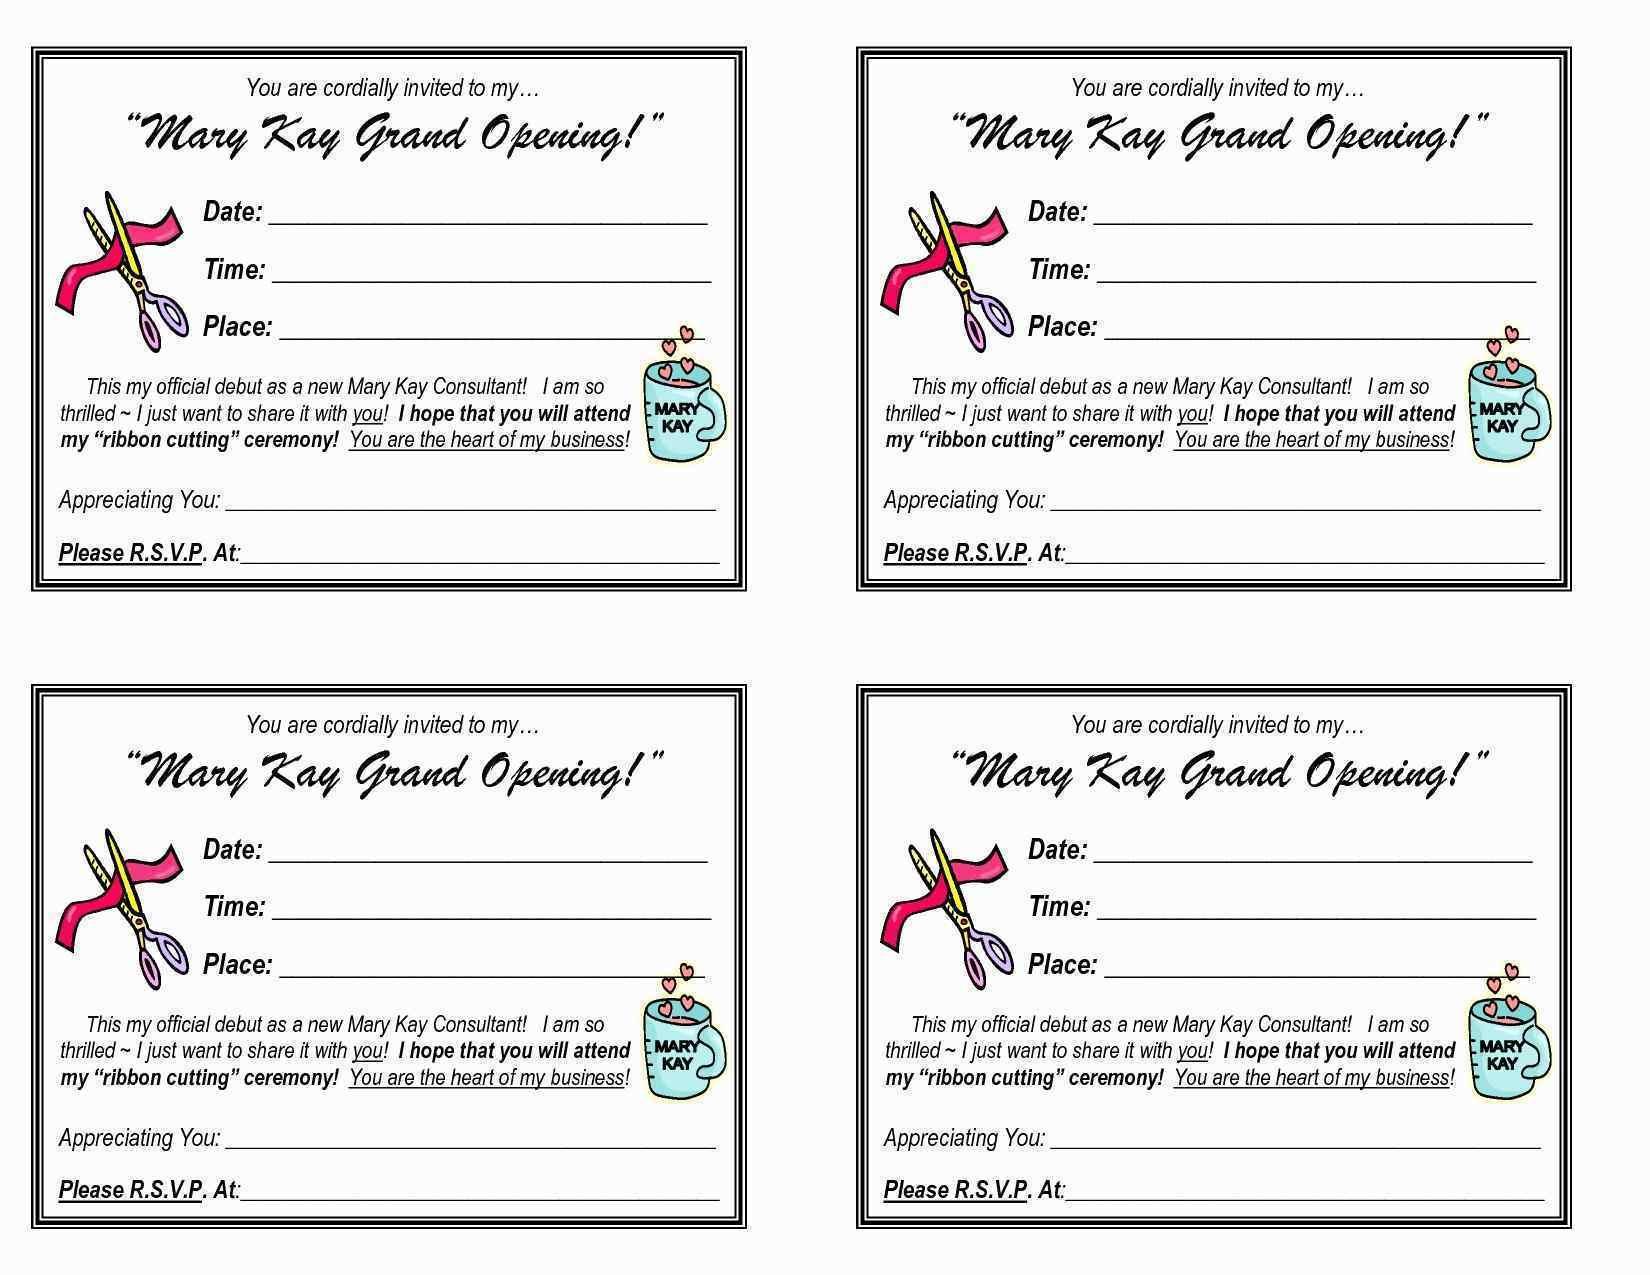 Mary Kay Invitation Templates Unique Mary Kay Invitation Templates - Mary Kay Invites Printable Free